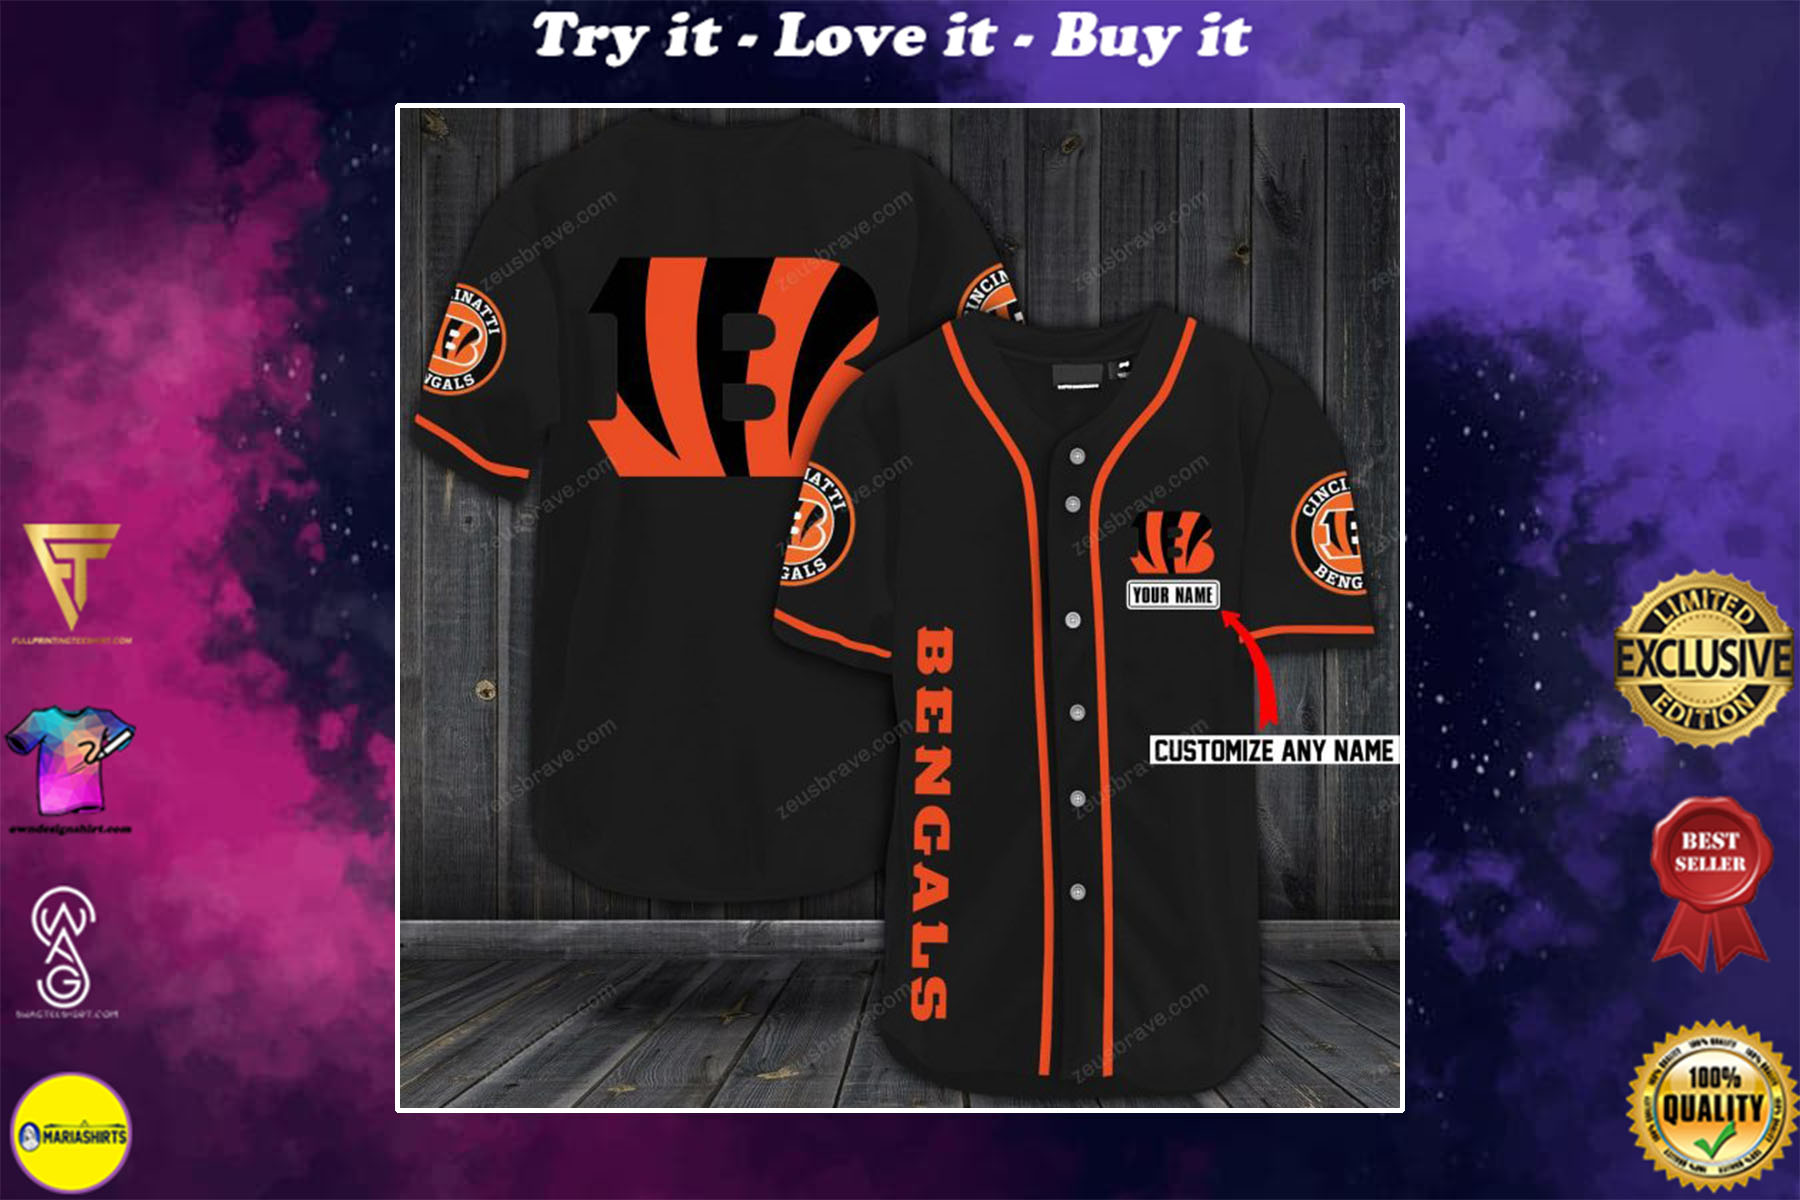 custom name cincinnati bengals baseball shirt - maria